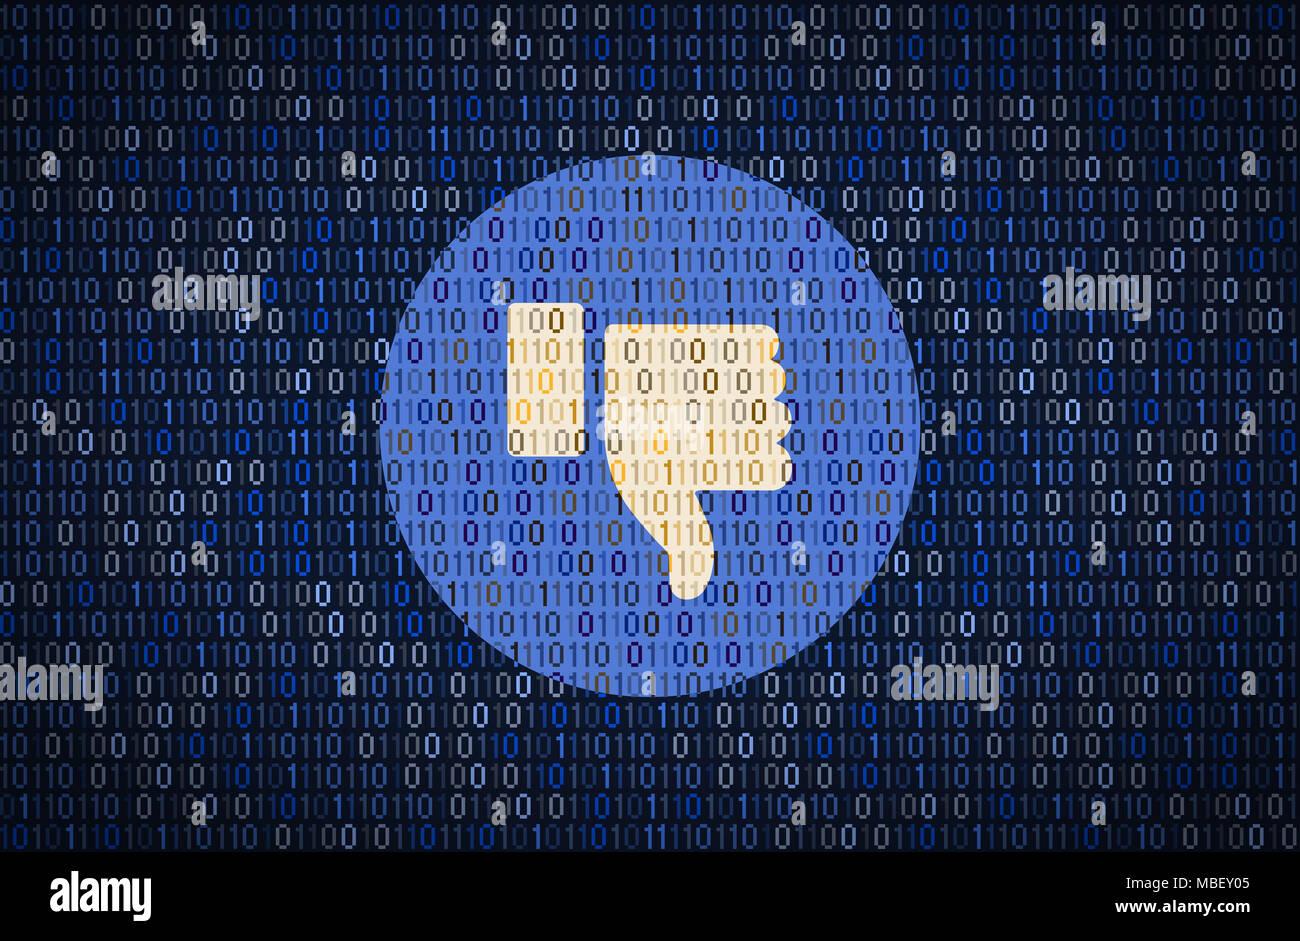 GALATI, Roumanie - 10 avril 2018: Facebook pouce vers le bas les questions de sécurité et de confidentialité. Cryptage de données concept Photo Stock